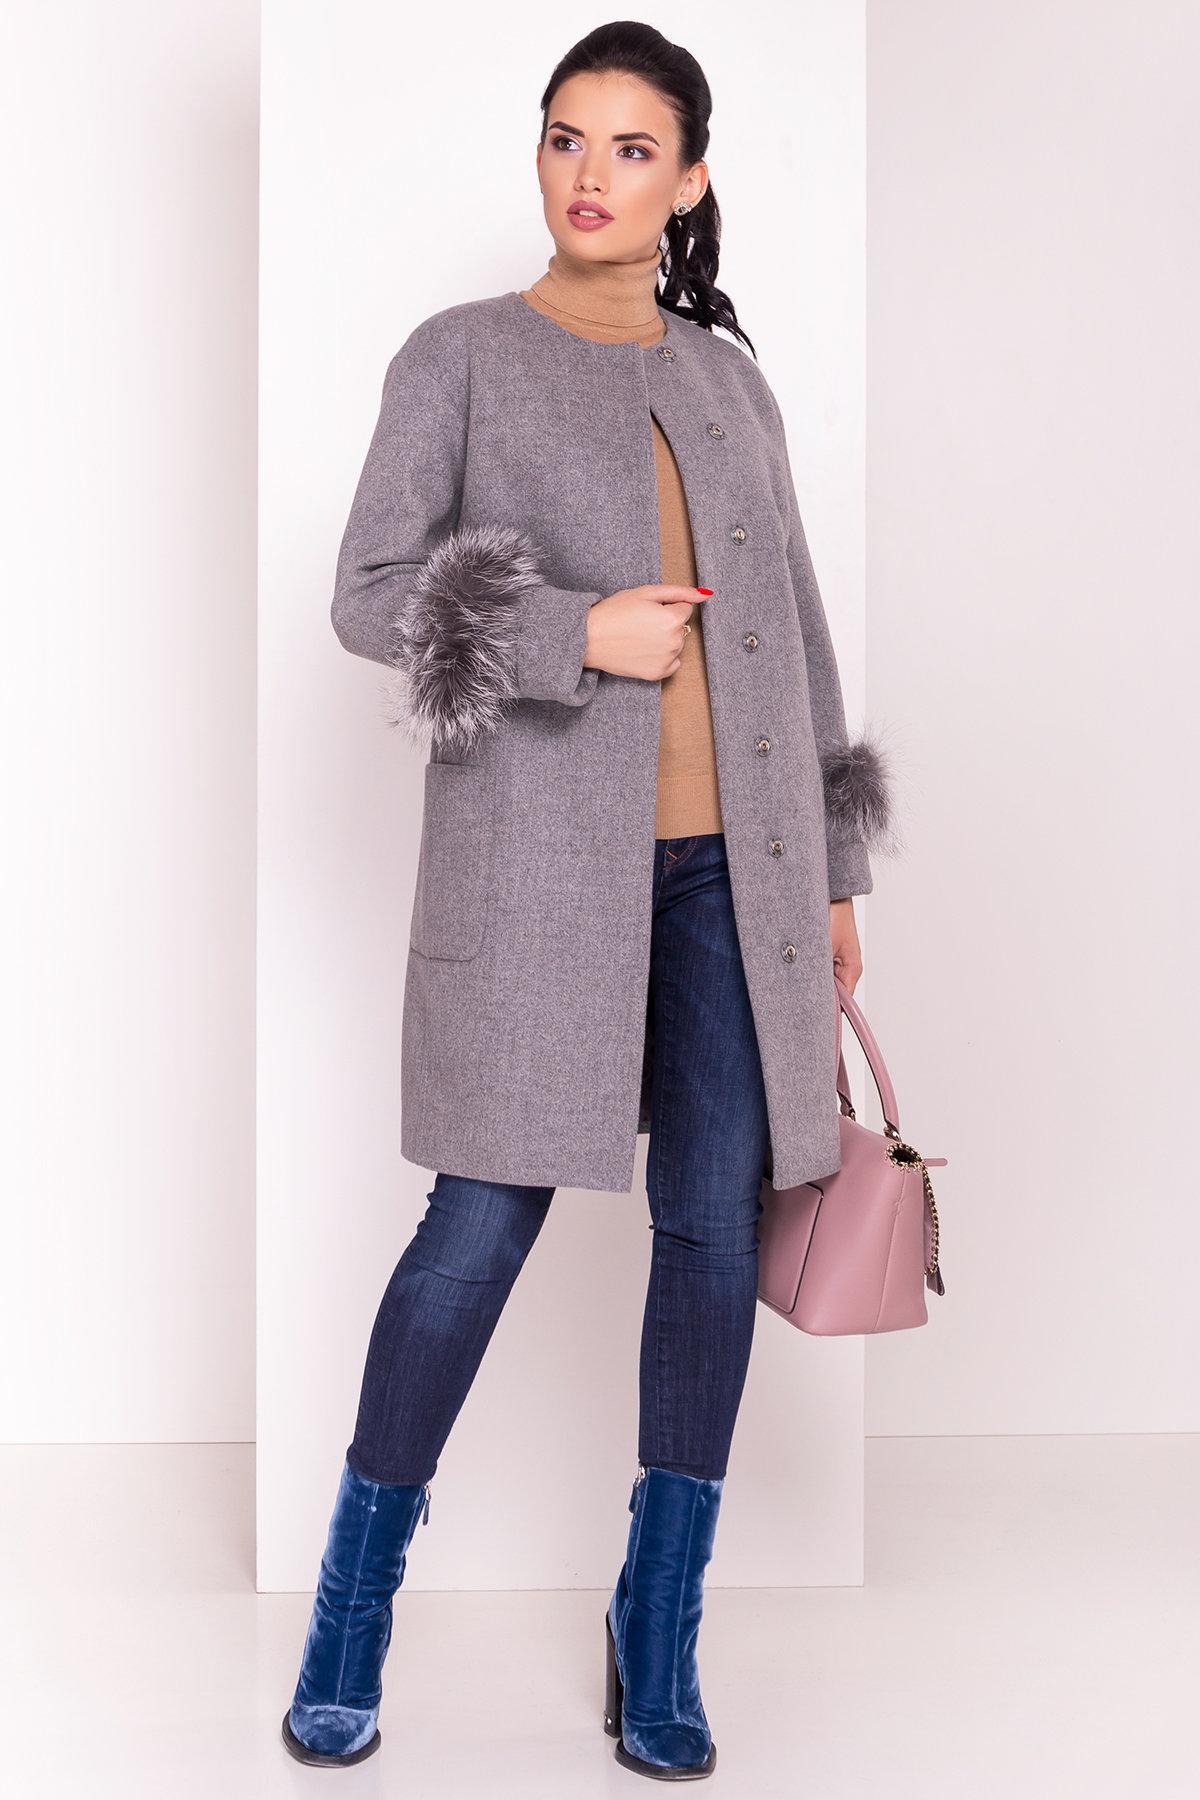 Пальто Кристина 5422 АРТ. 36805 Цвет: Серый 18 - фото 1, интернет магазин tm-modus.ru